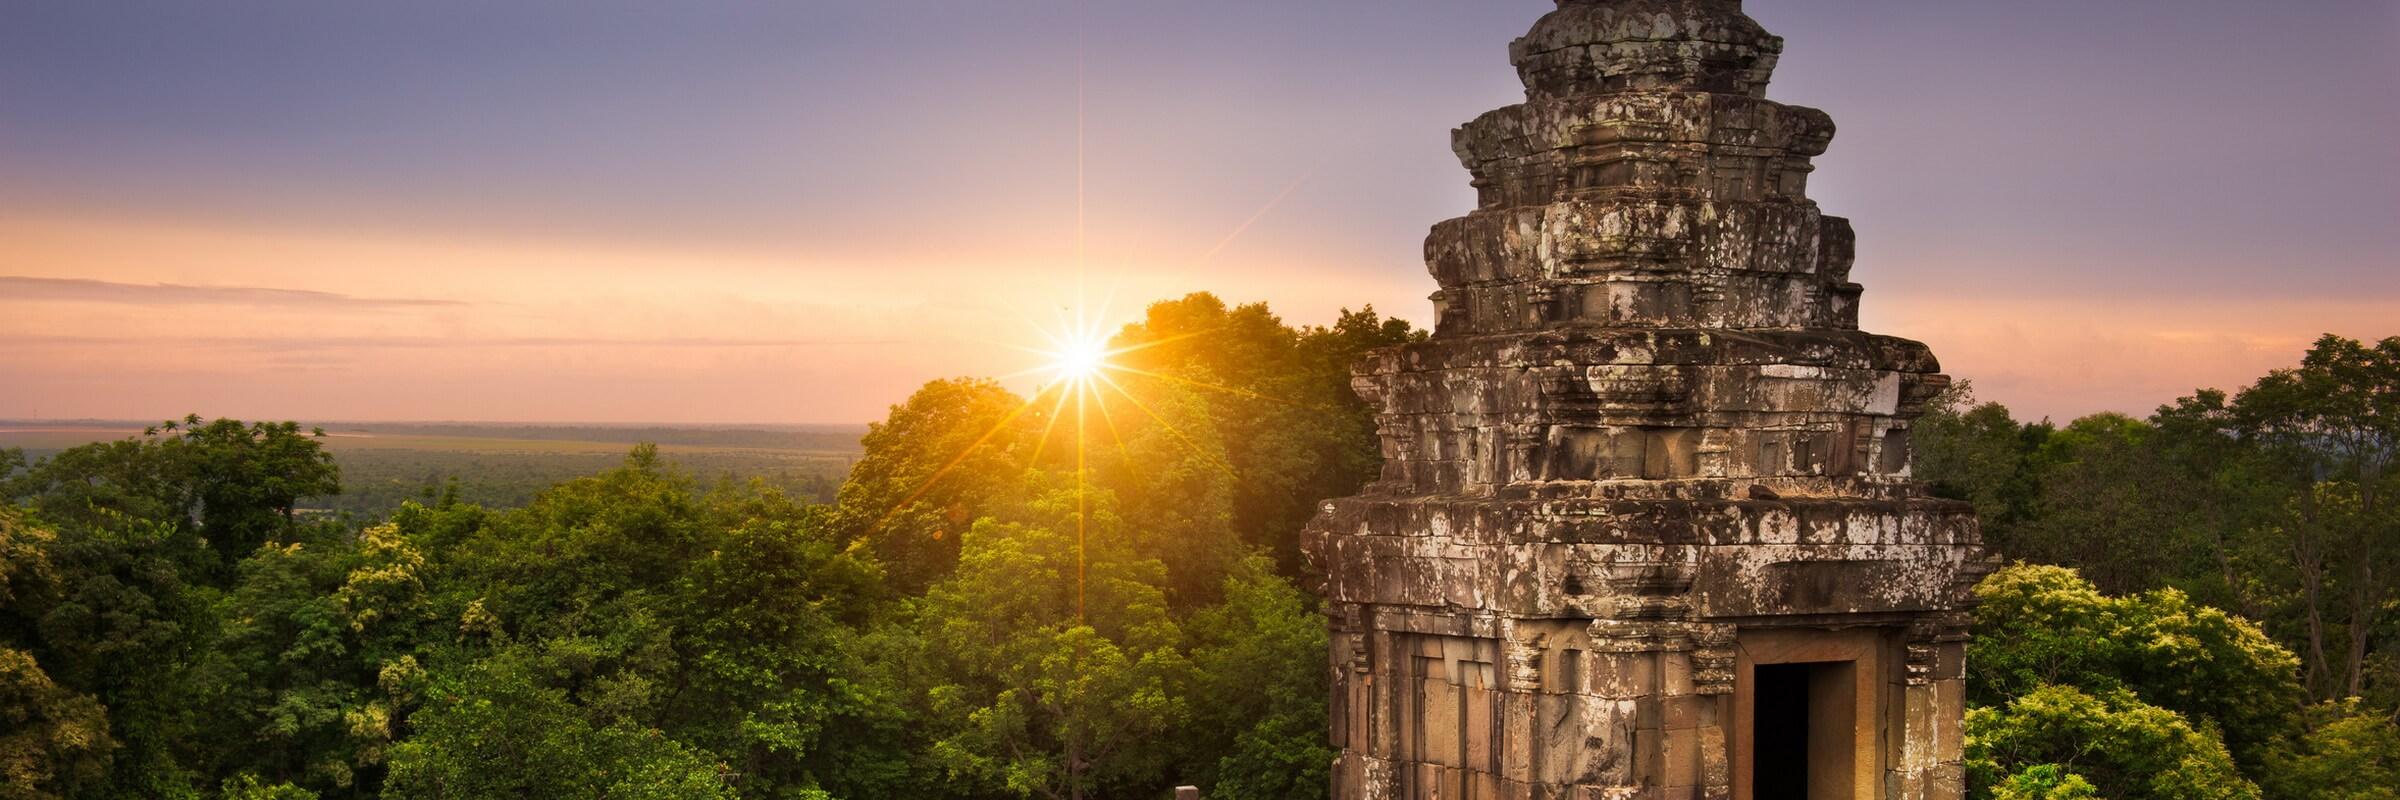 Der Shiva geweihte Pyramidentempel Phnom Bakheng liegt auf dem gleichnamigen Hügel nahe Siem Reap, westlich der Straße zwischen Angkor Wat und Angkor Thom.